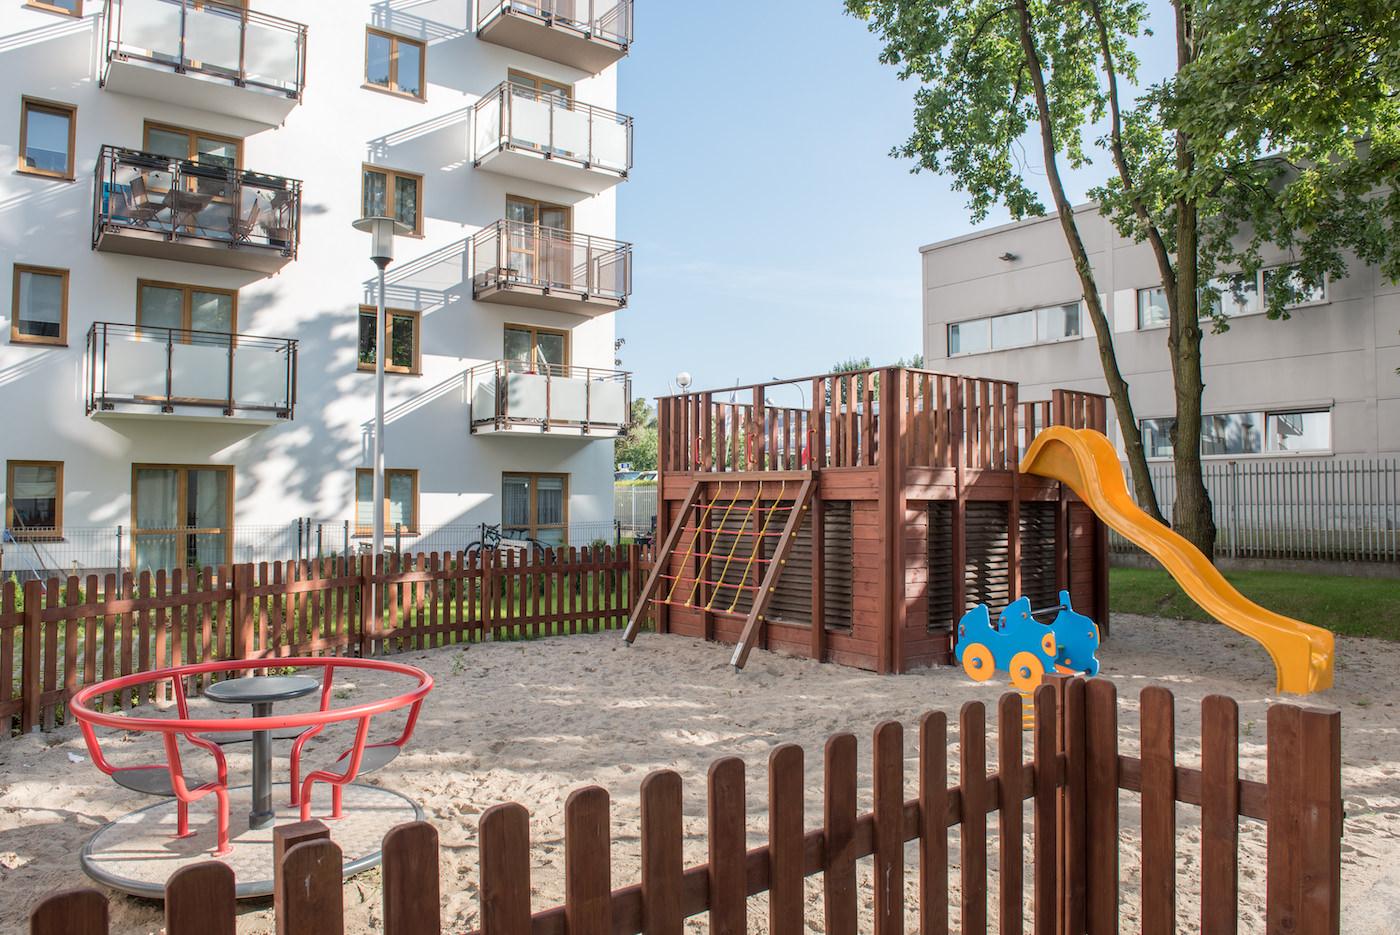 Zdjęcie placu zabaw na podwórku w Warszawie